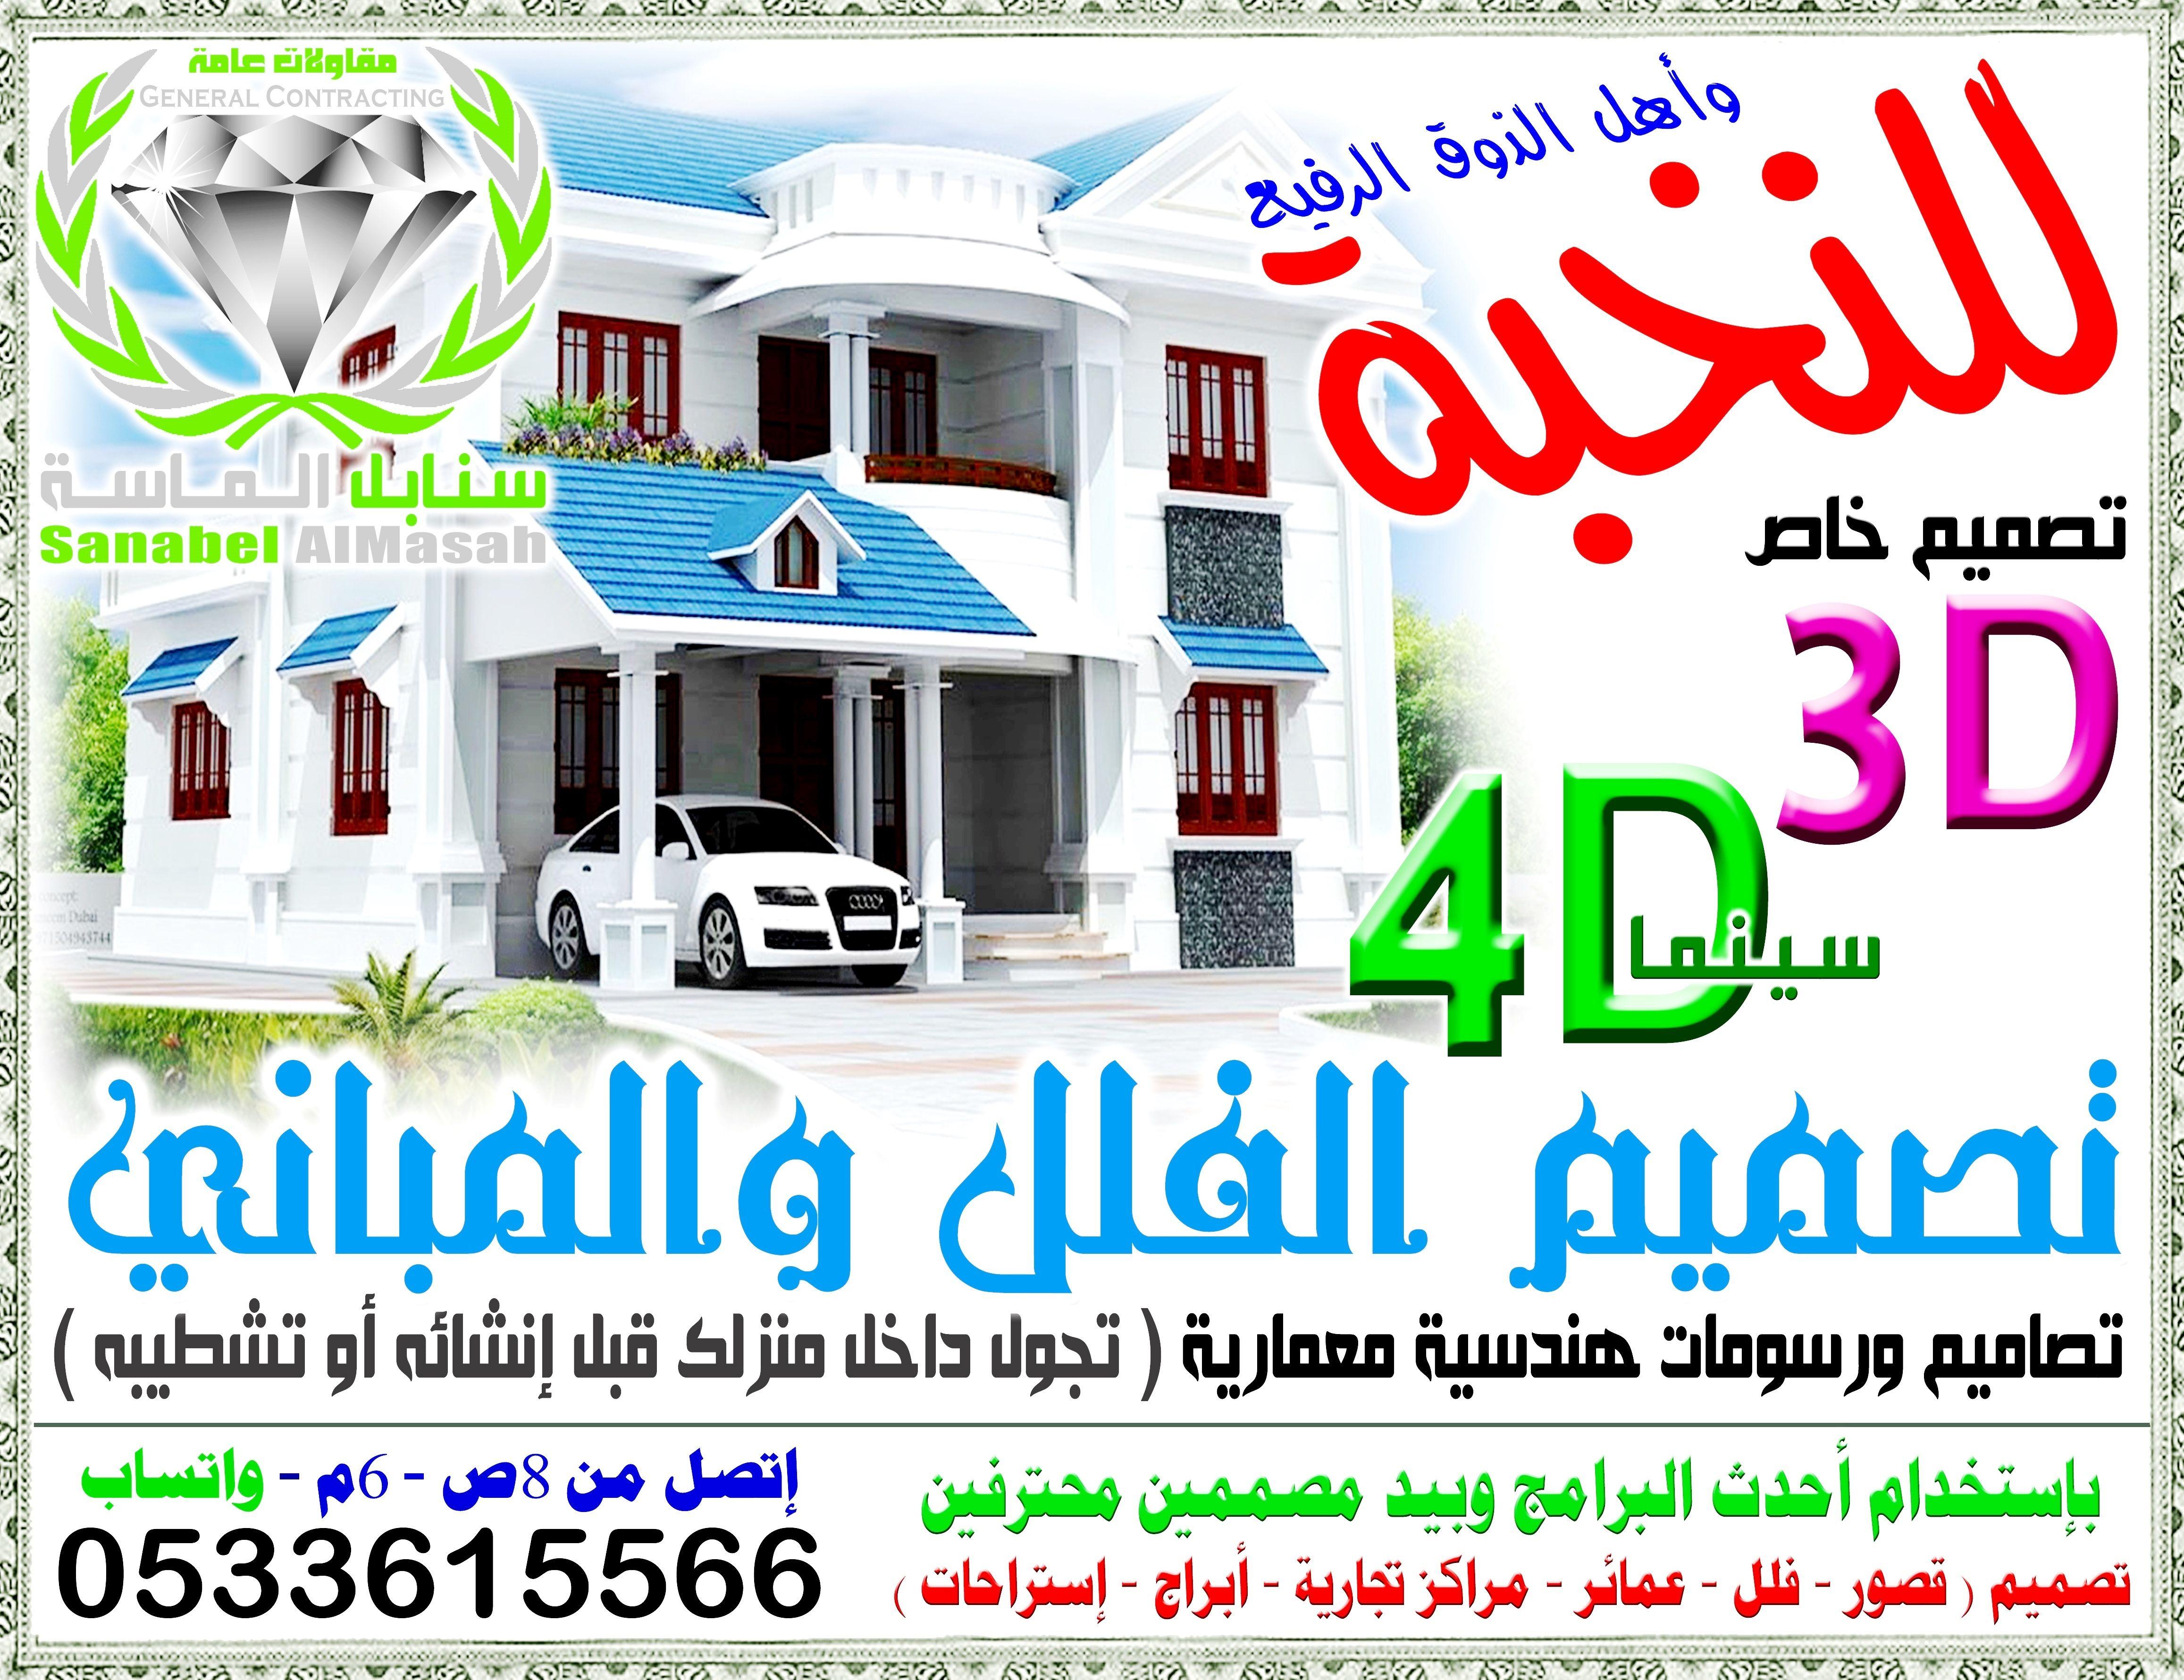 عرض خاص للنخبة تصميم هندسي 3d و 4d سينما Home Decor Decals Decor Home Decor